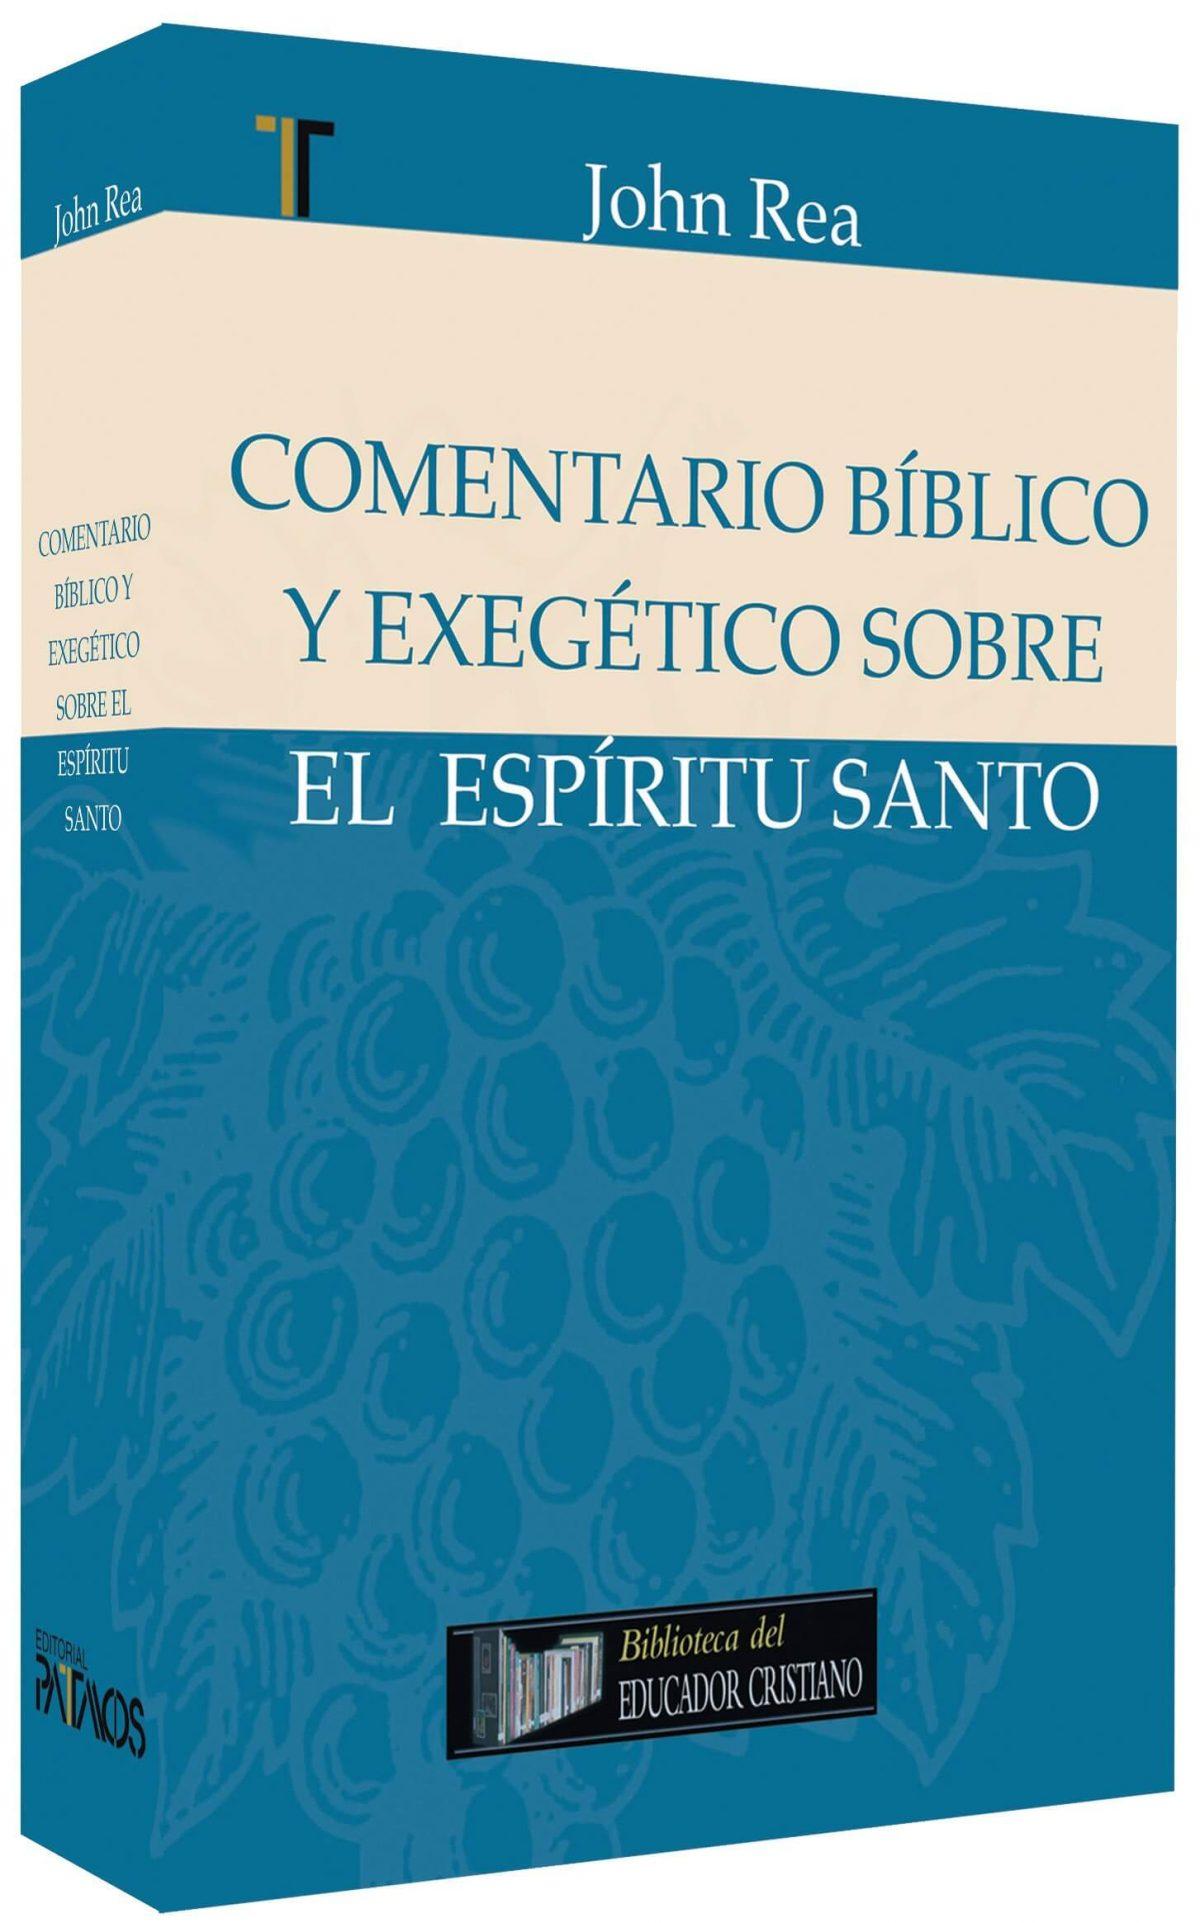 COMENTARIO BIBLICO Y EXEGETICO ESPIRITU SANTO